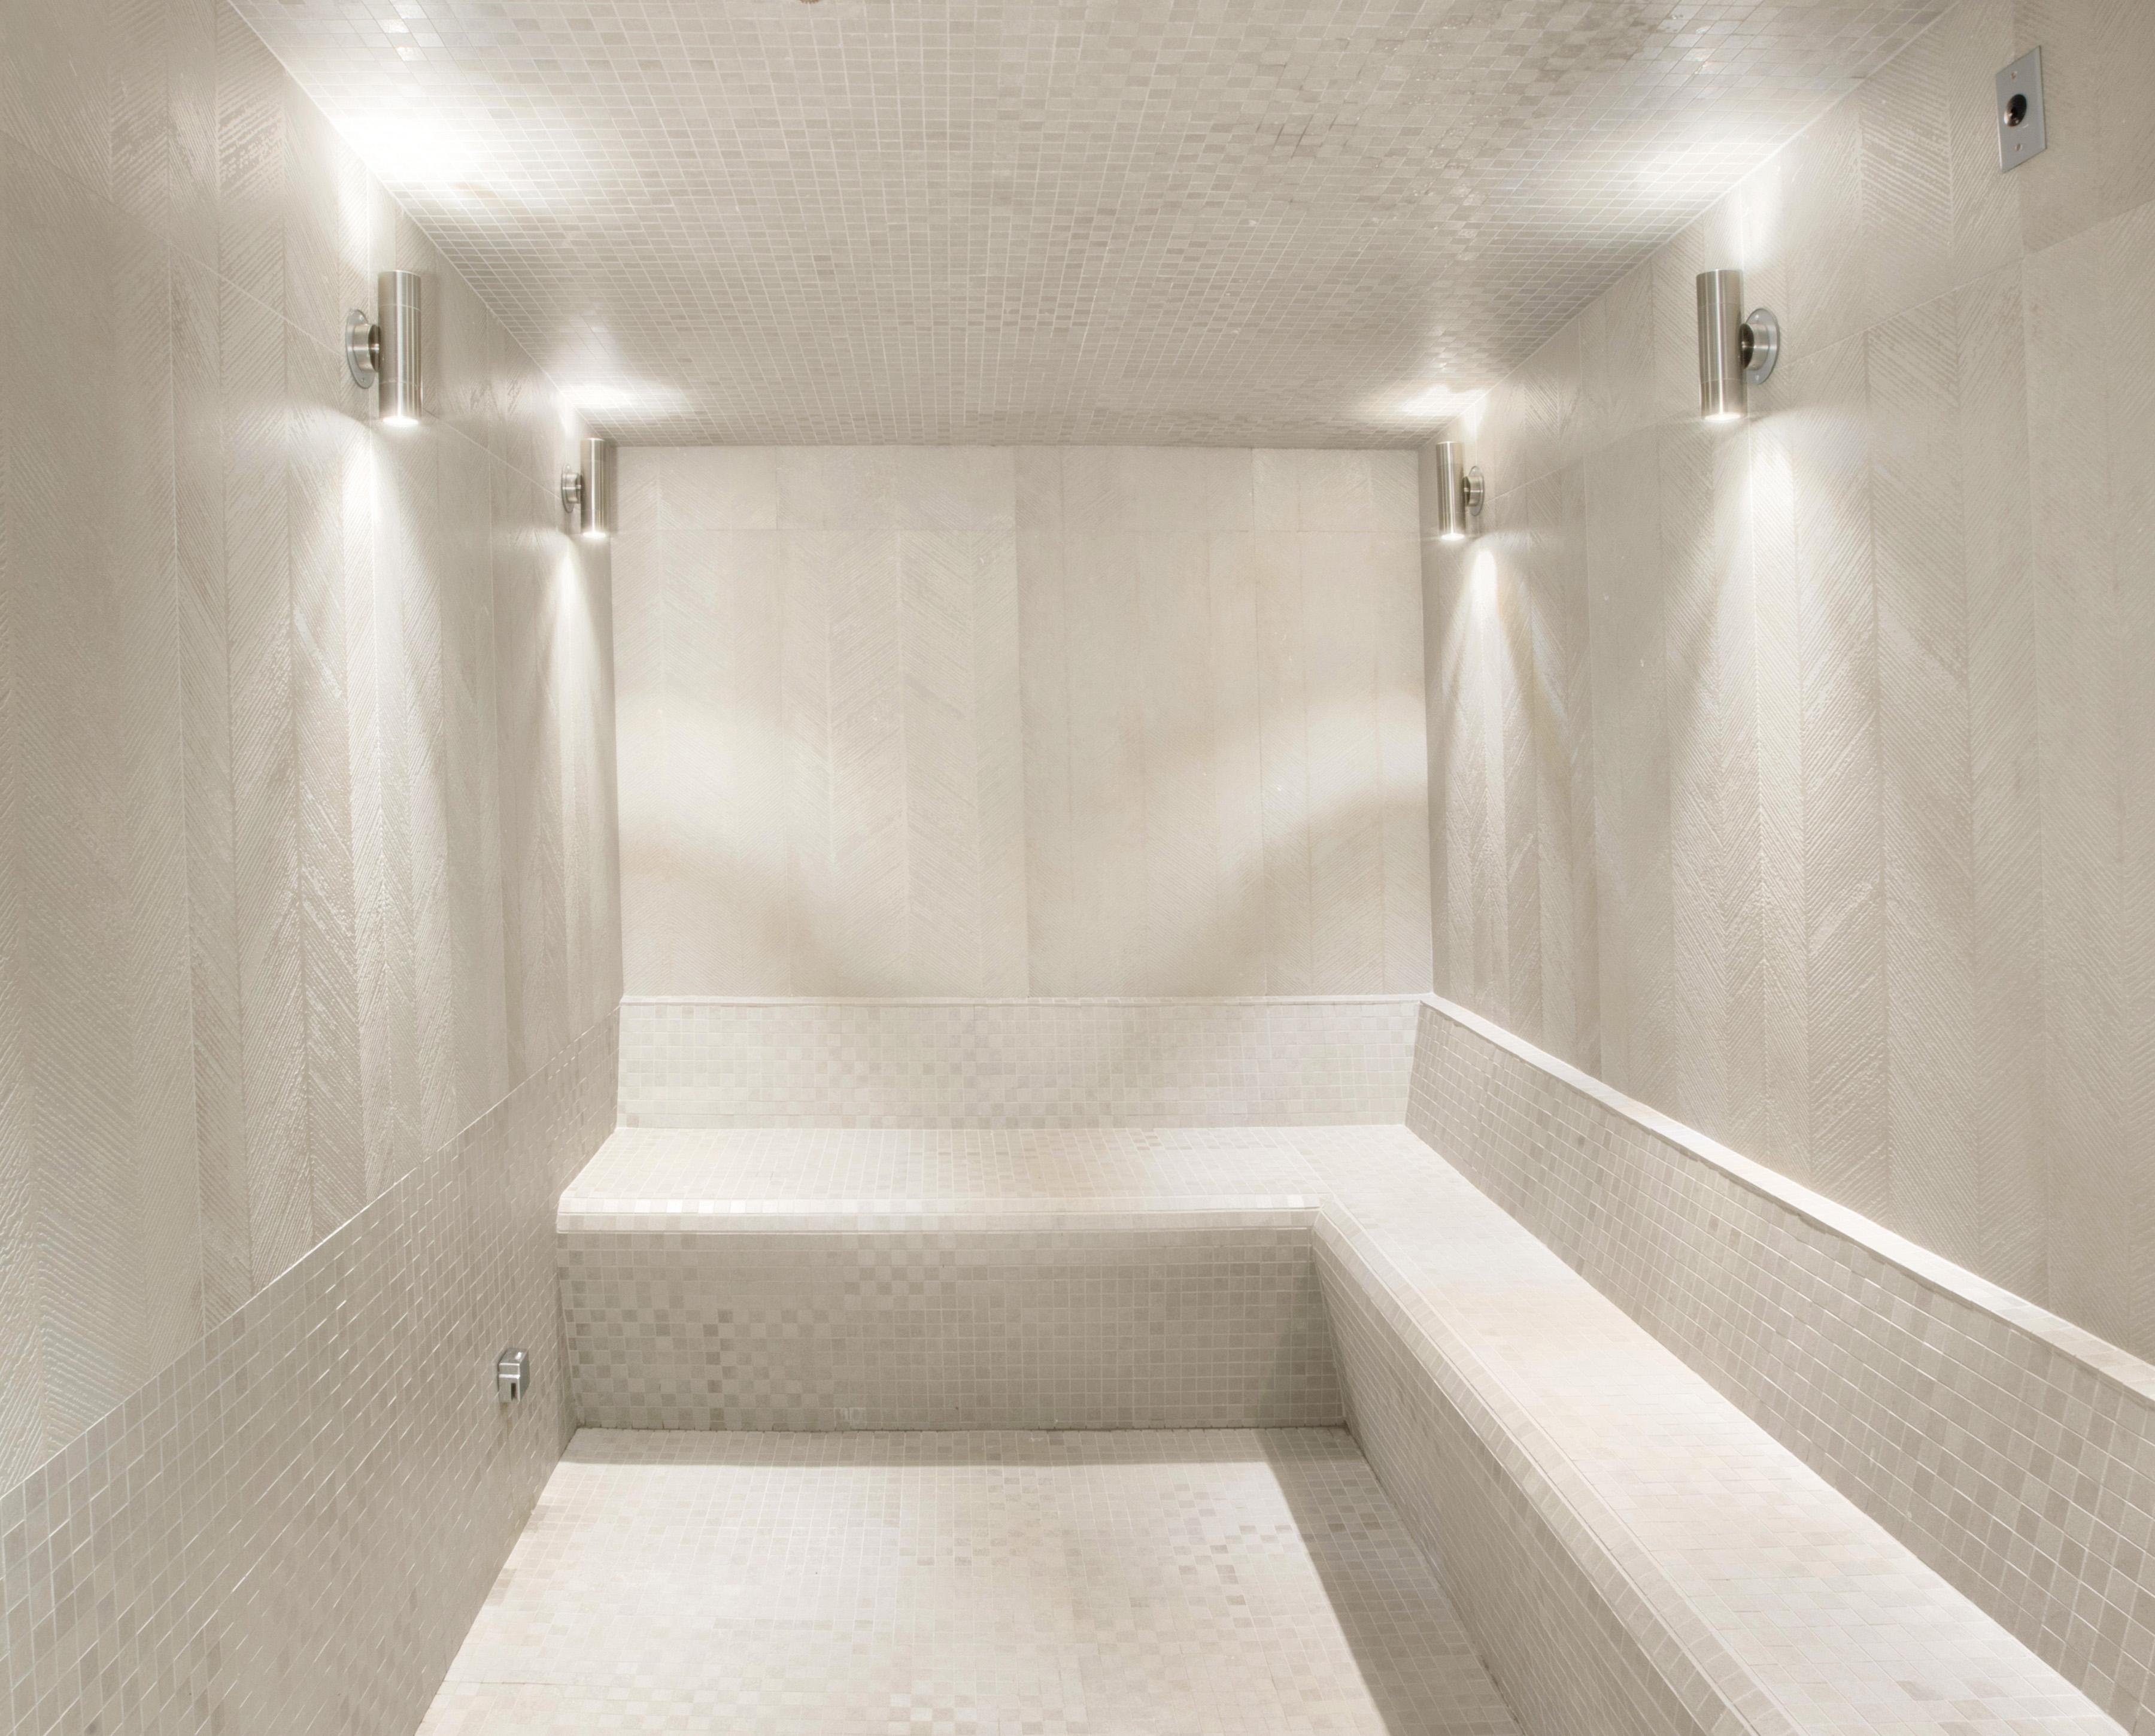 sanctuary showers